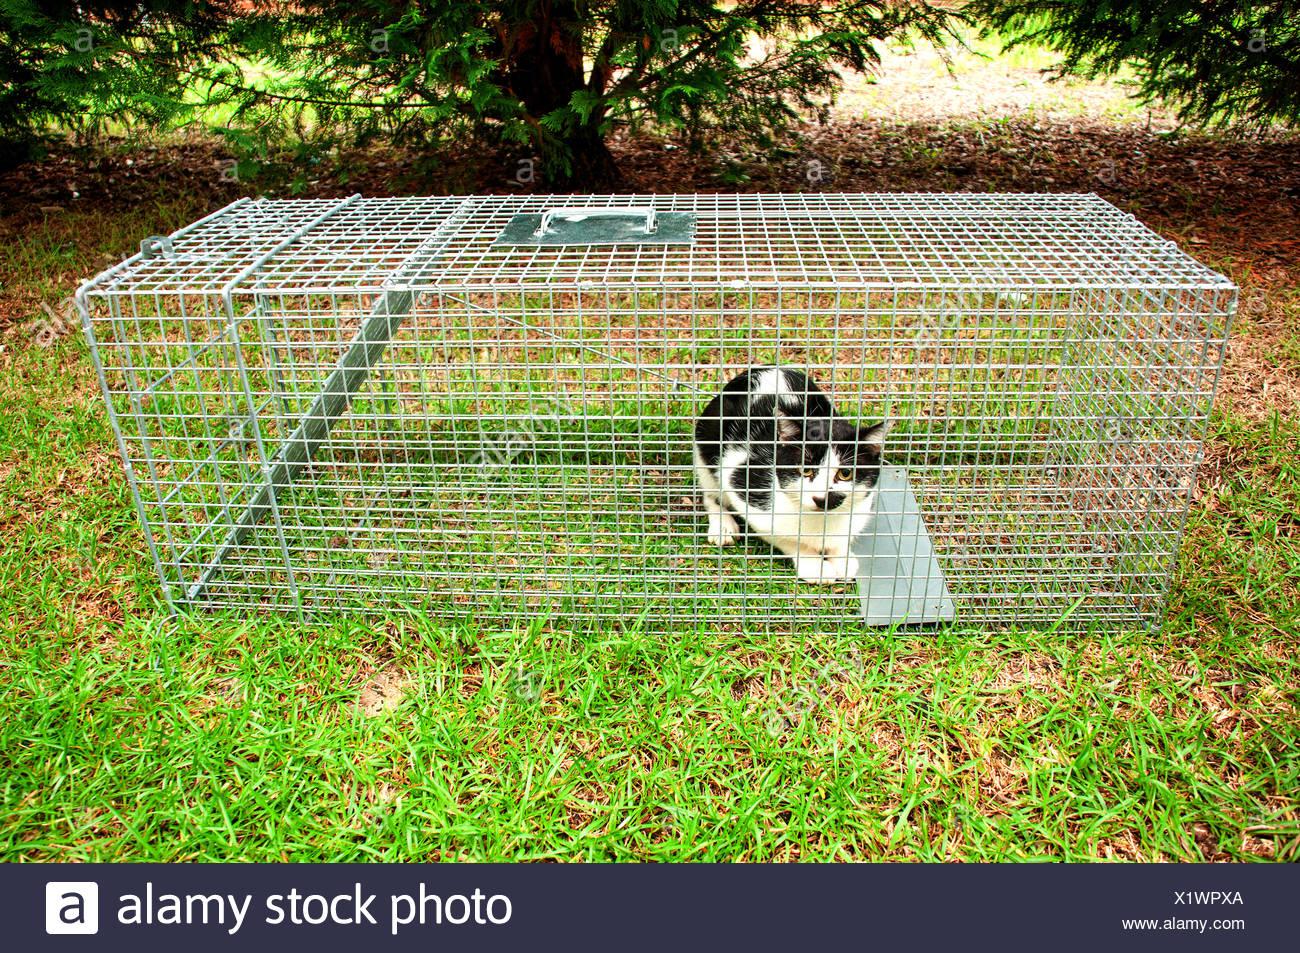 Humane Animal Trap - Stock Image